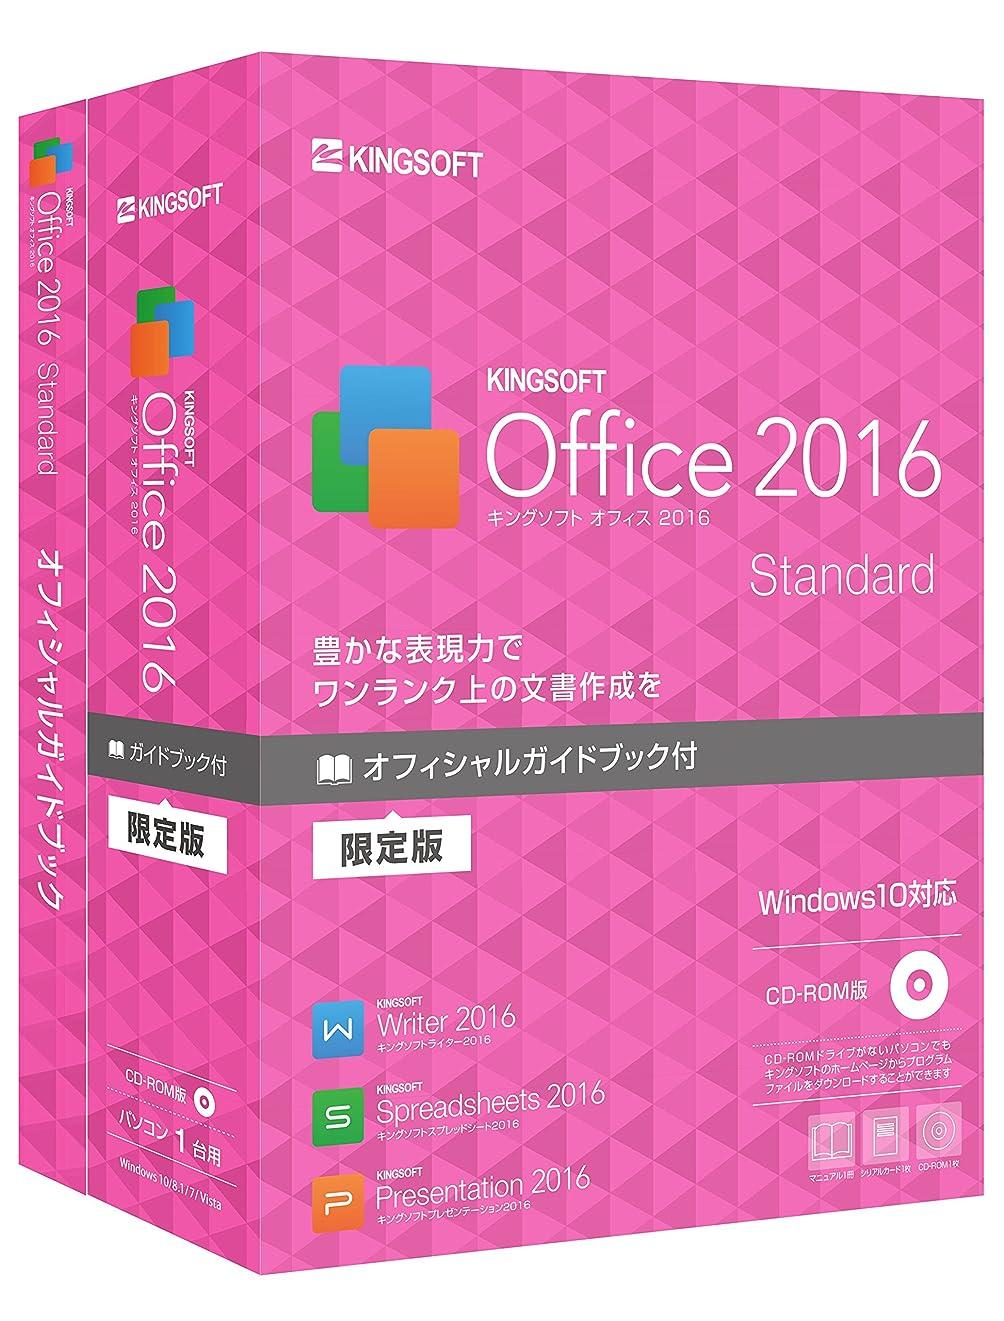 膨張する収束するワーディアンケースキングソフト KINGSOFT Office 2016 Std ガイドブック付限定